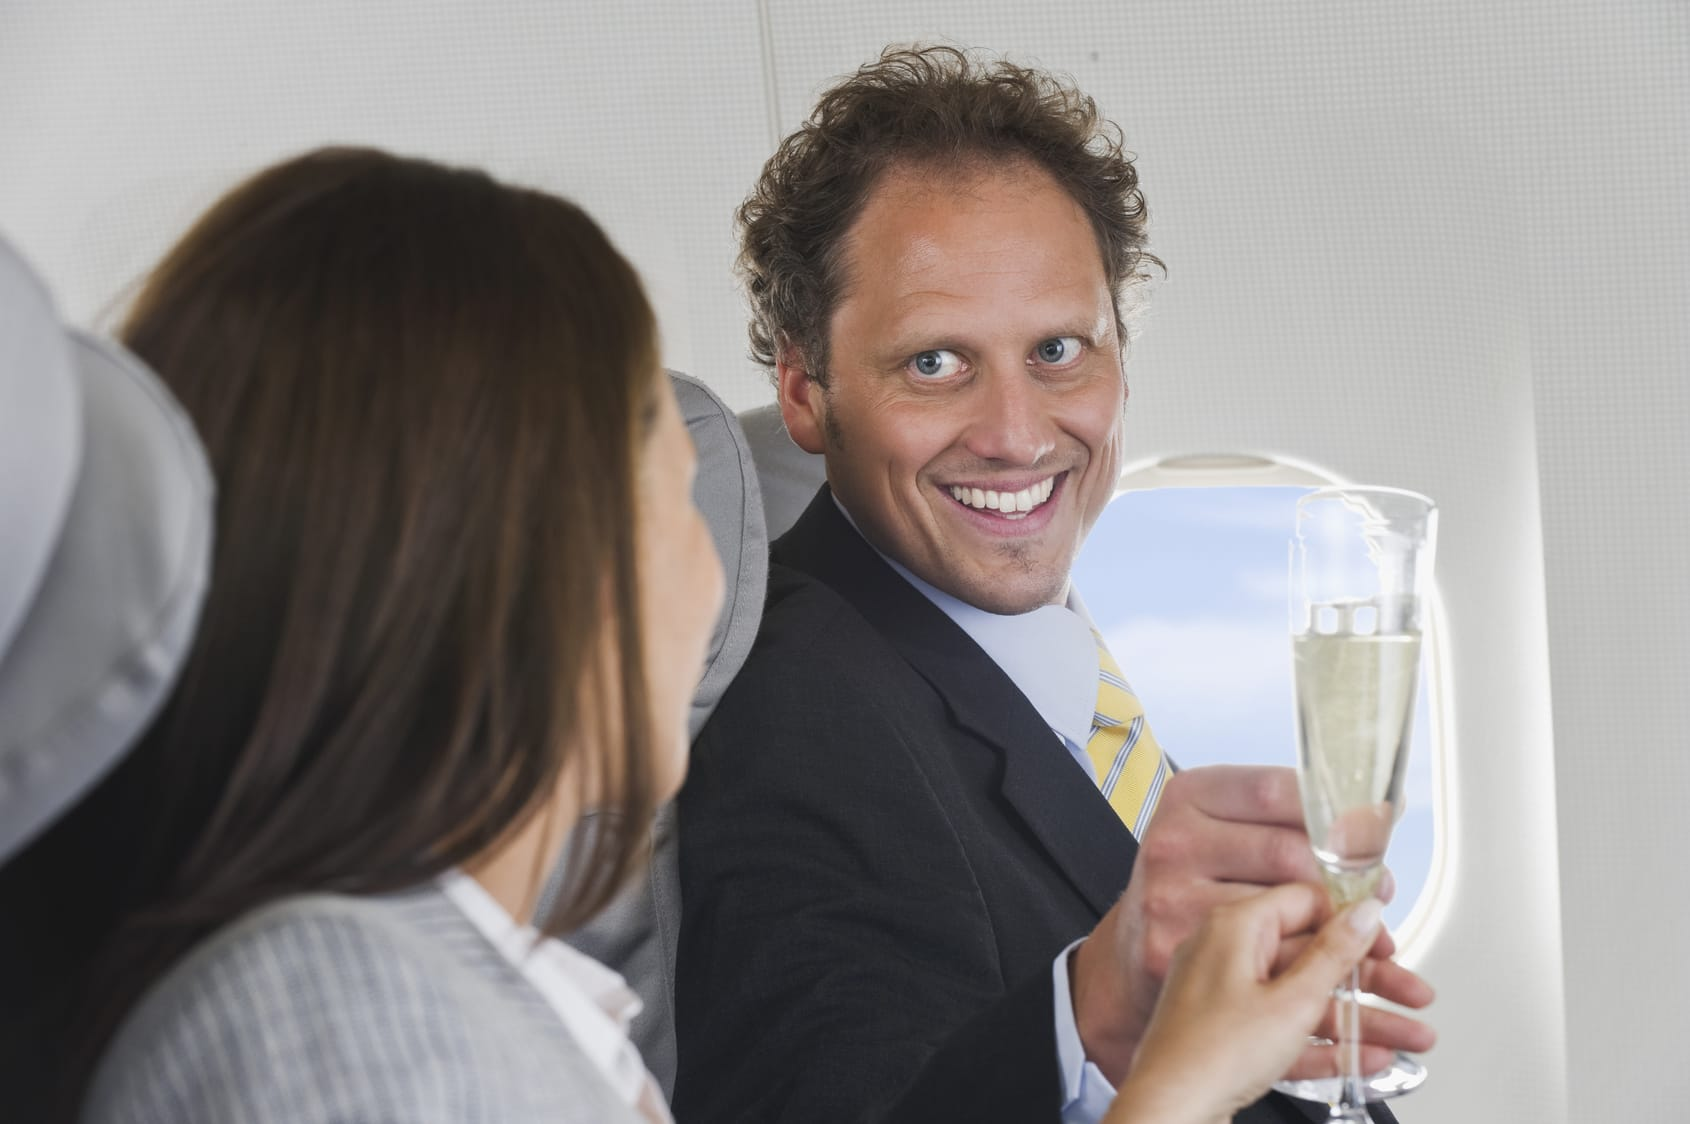 Lieber keinen Alkohol im Flugzeug trinken?